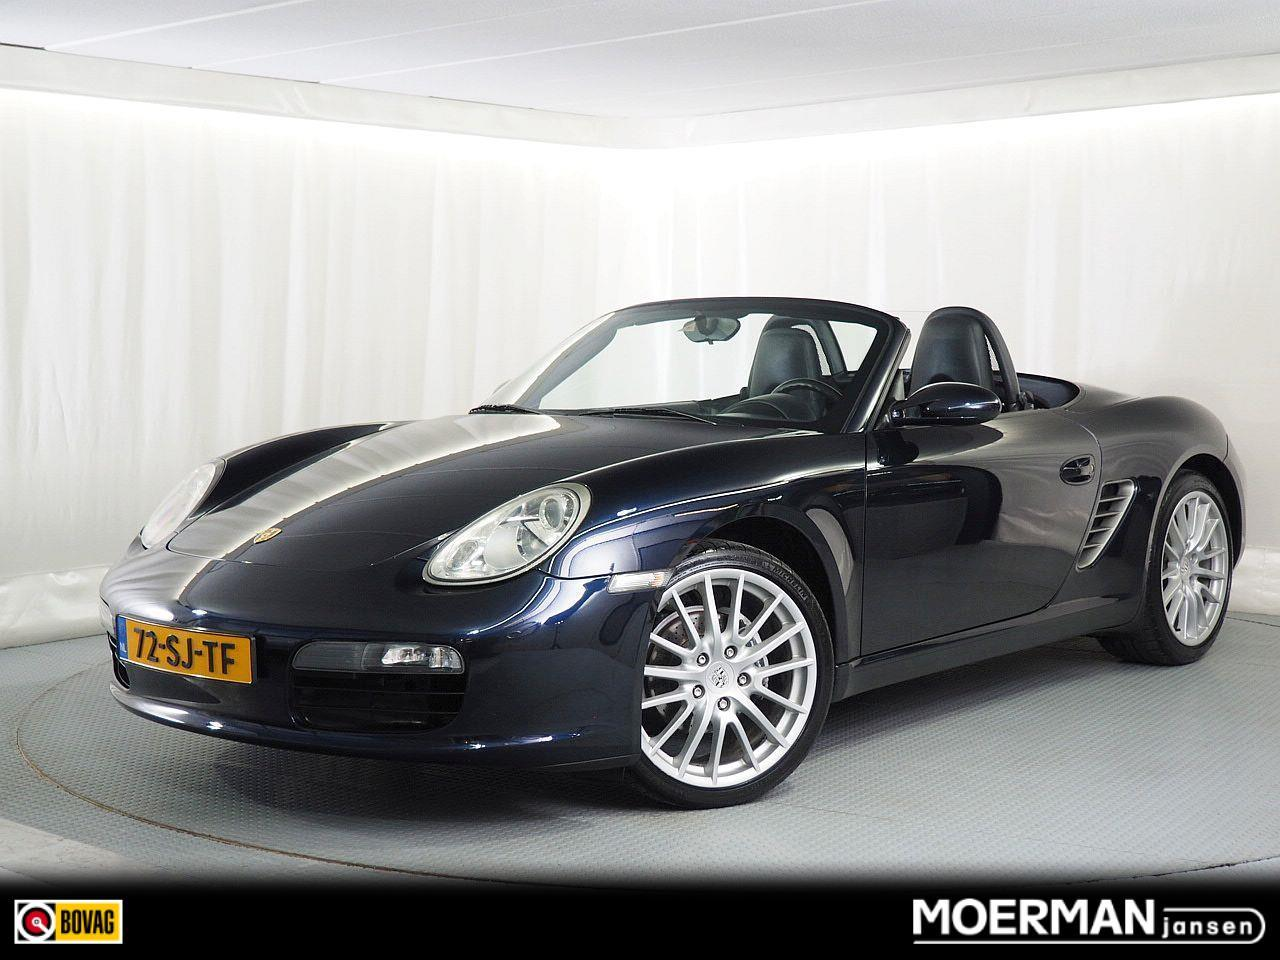 Porsche Boxster 2.7 tiptronic / volledig onderhouden / in prachtige staat / hardtop / 122.000km / nl auto